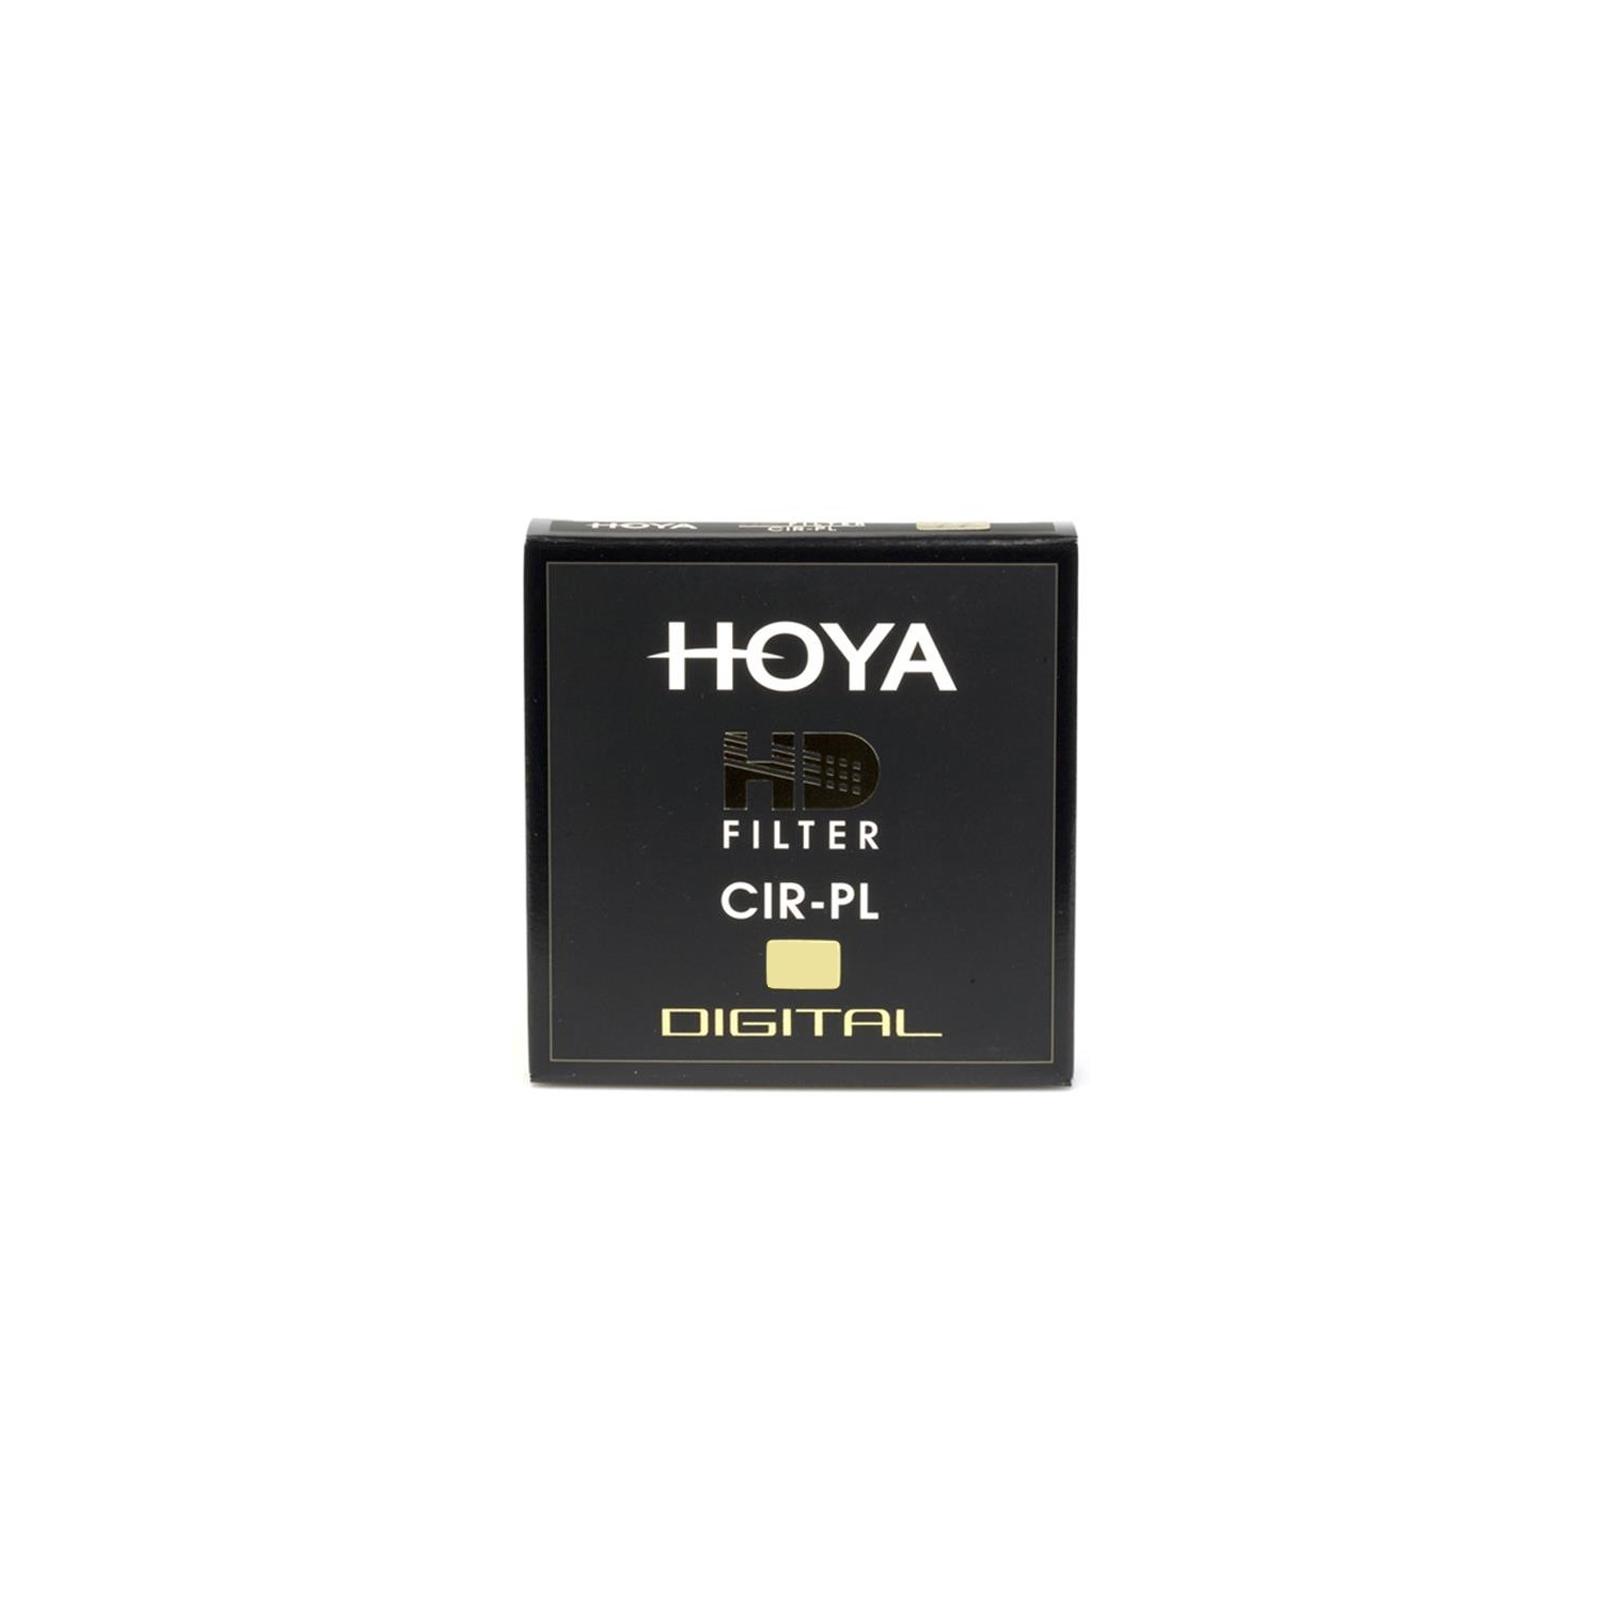 Светофильтр Hoya HD Pol-Circ. 55mm (0024066051127) изображение 2